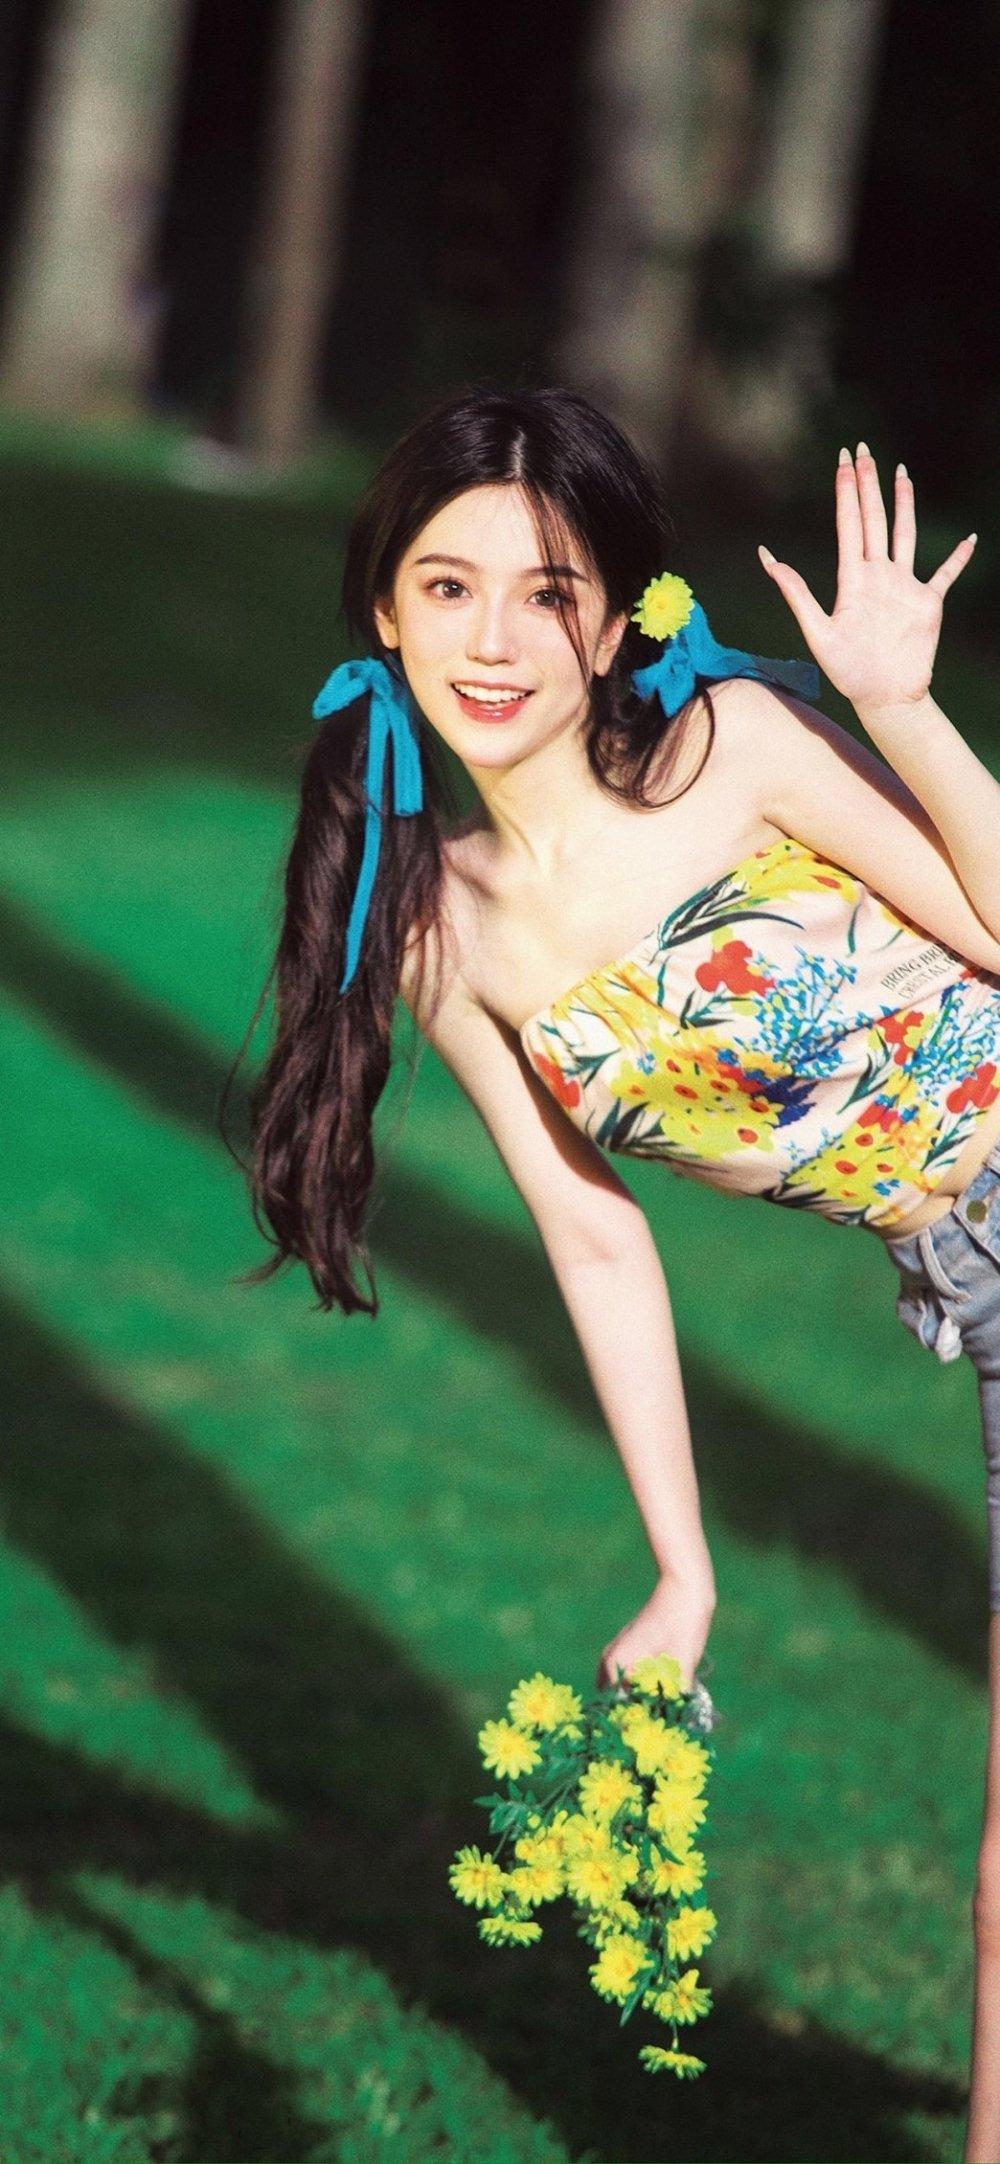 元气阳光青春少女甜美笑容户外写真